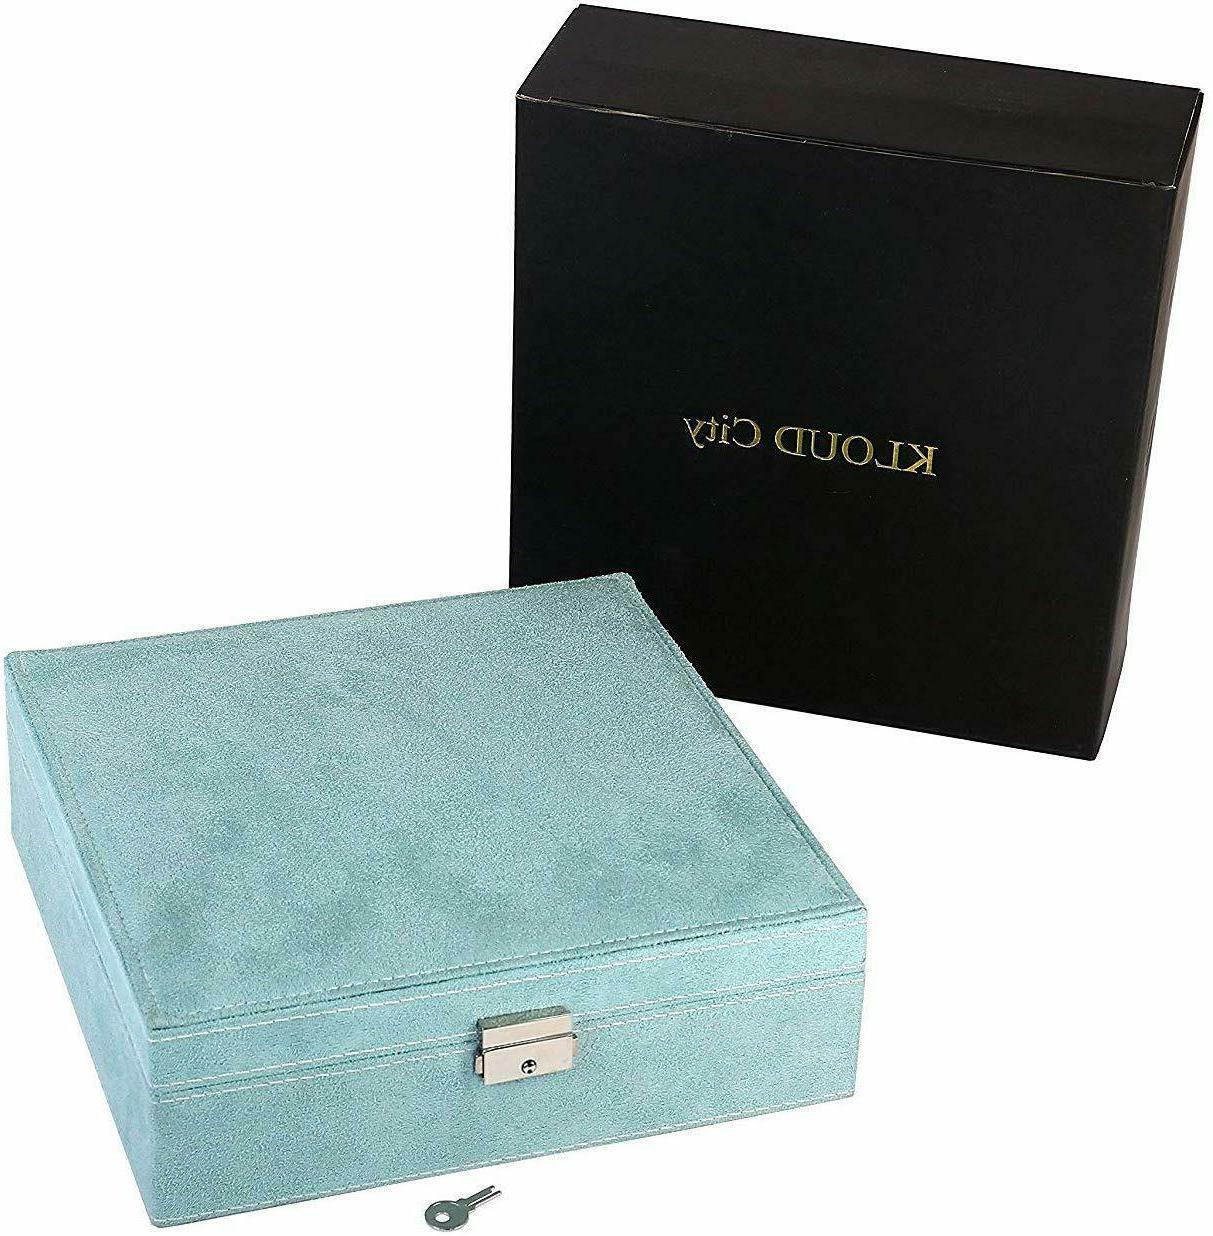 KLOUD Jewelry Box Organizer Display Storage case